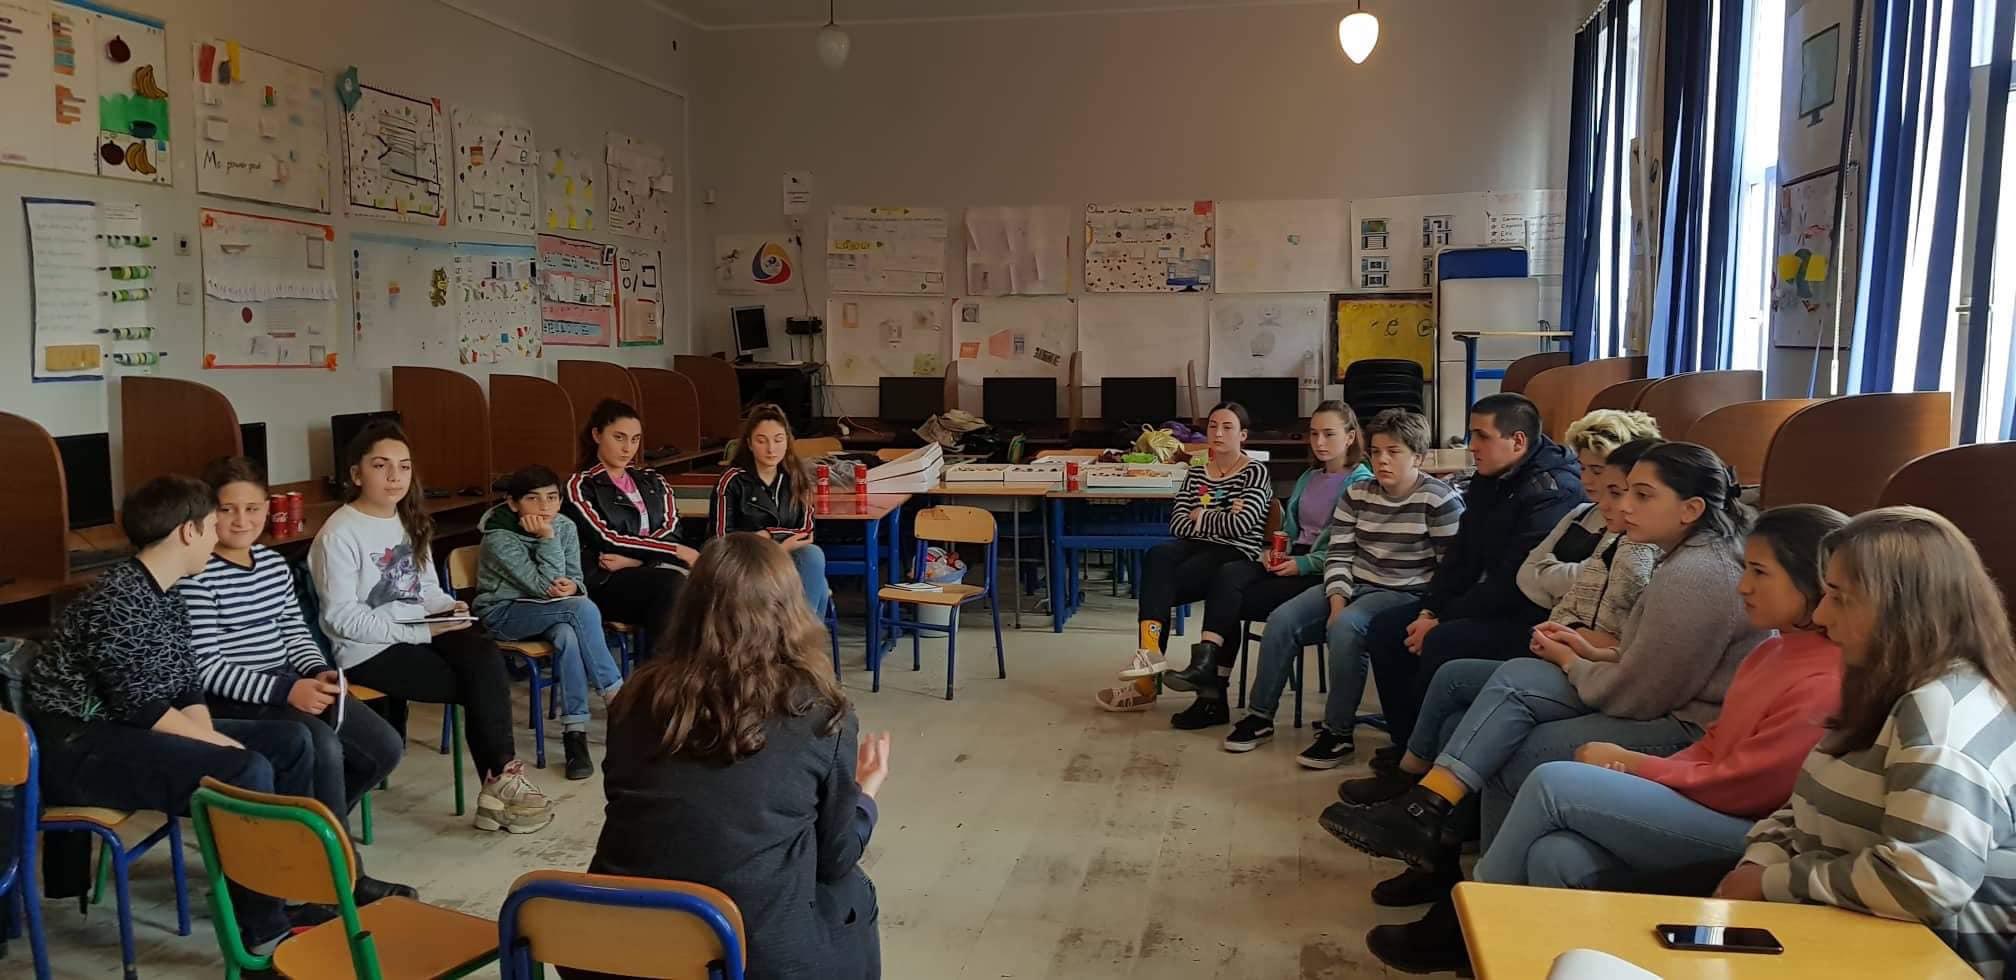 მორიგი საინფორმაციო შეხვედრა მოსწავლეებთან